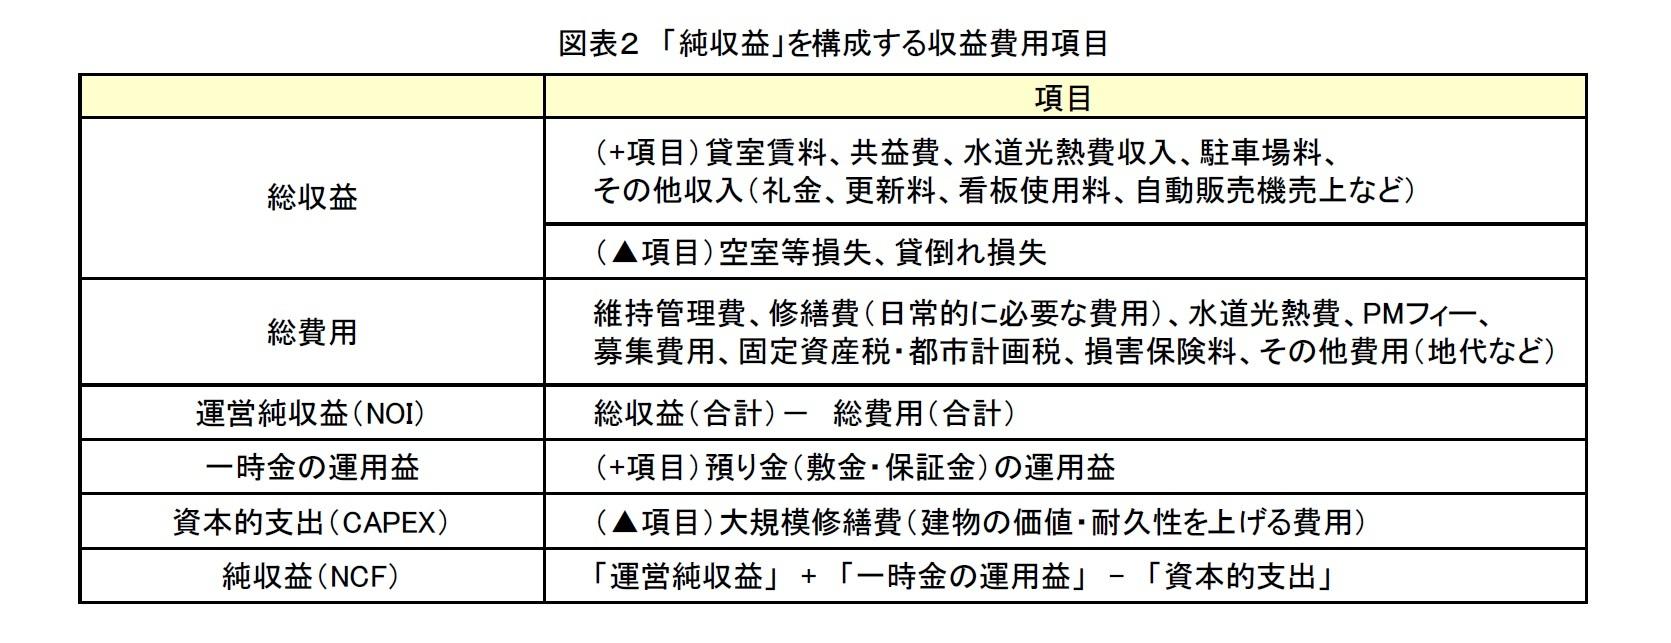 図表2 「純収益」を構成する収益費用項目